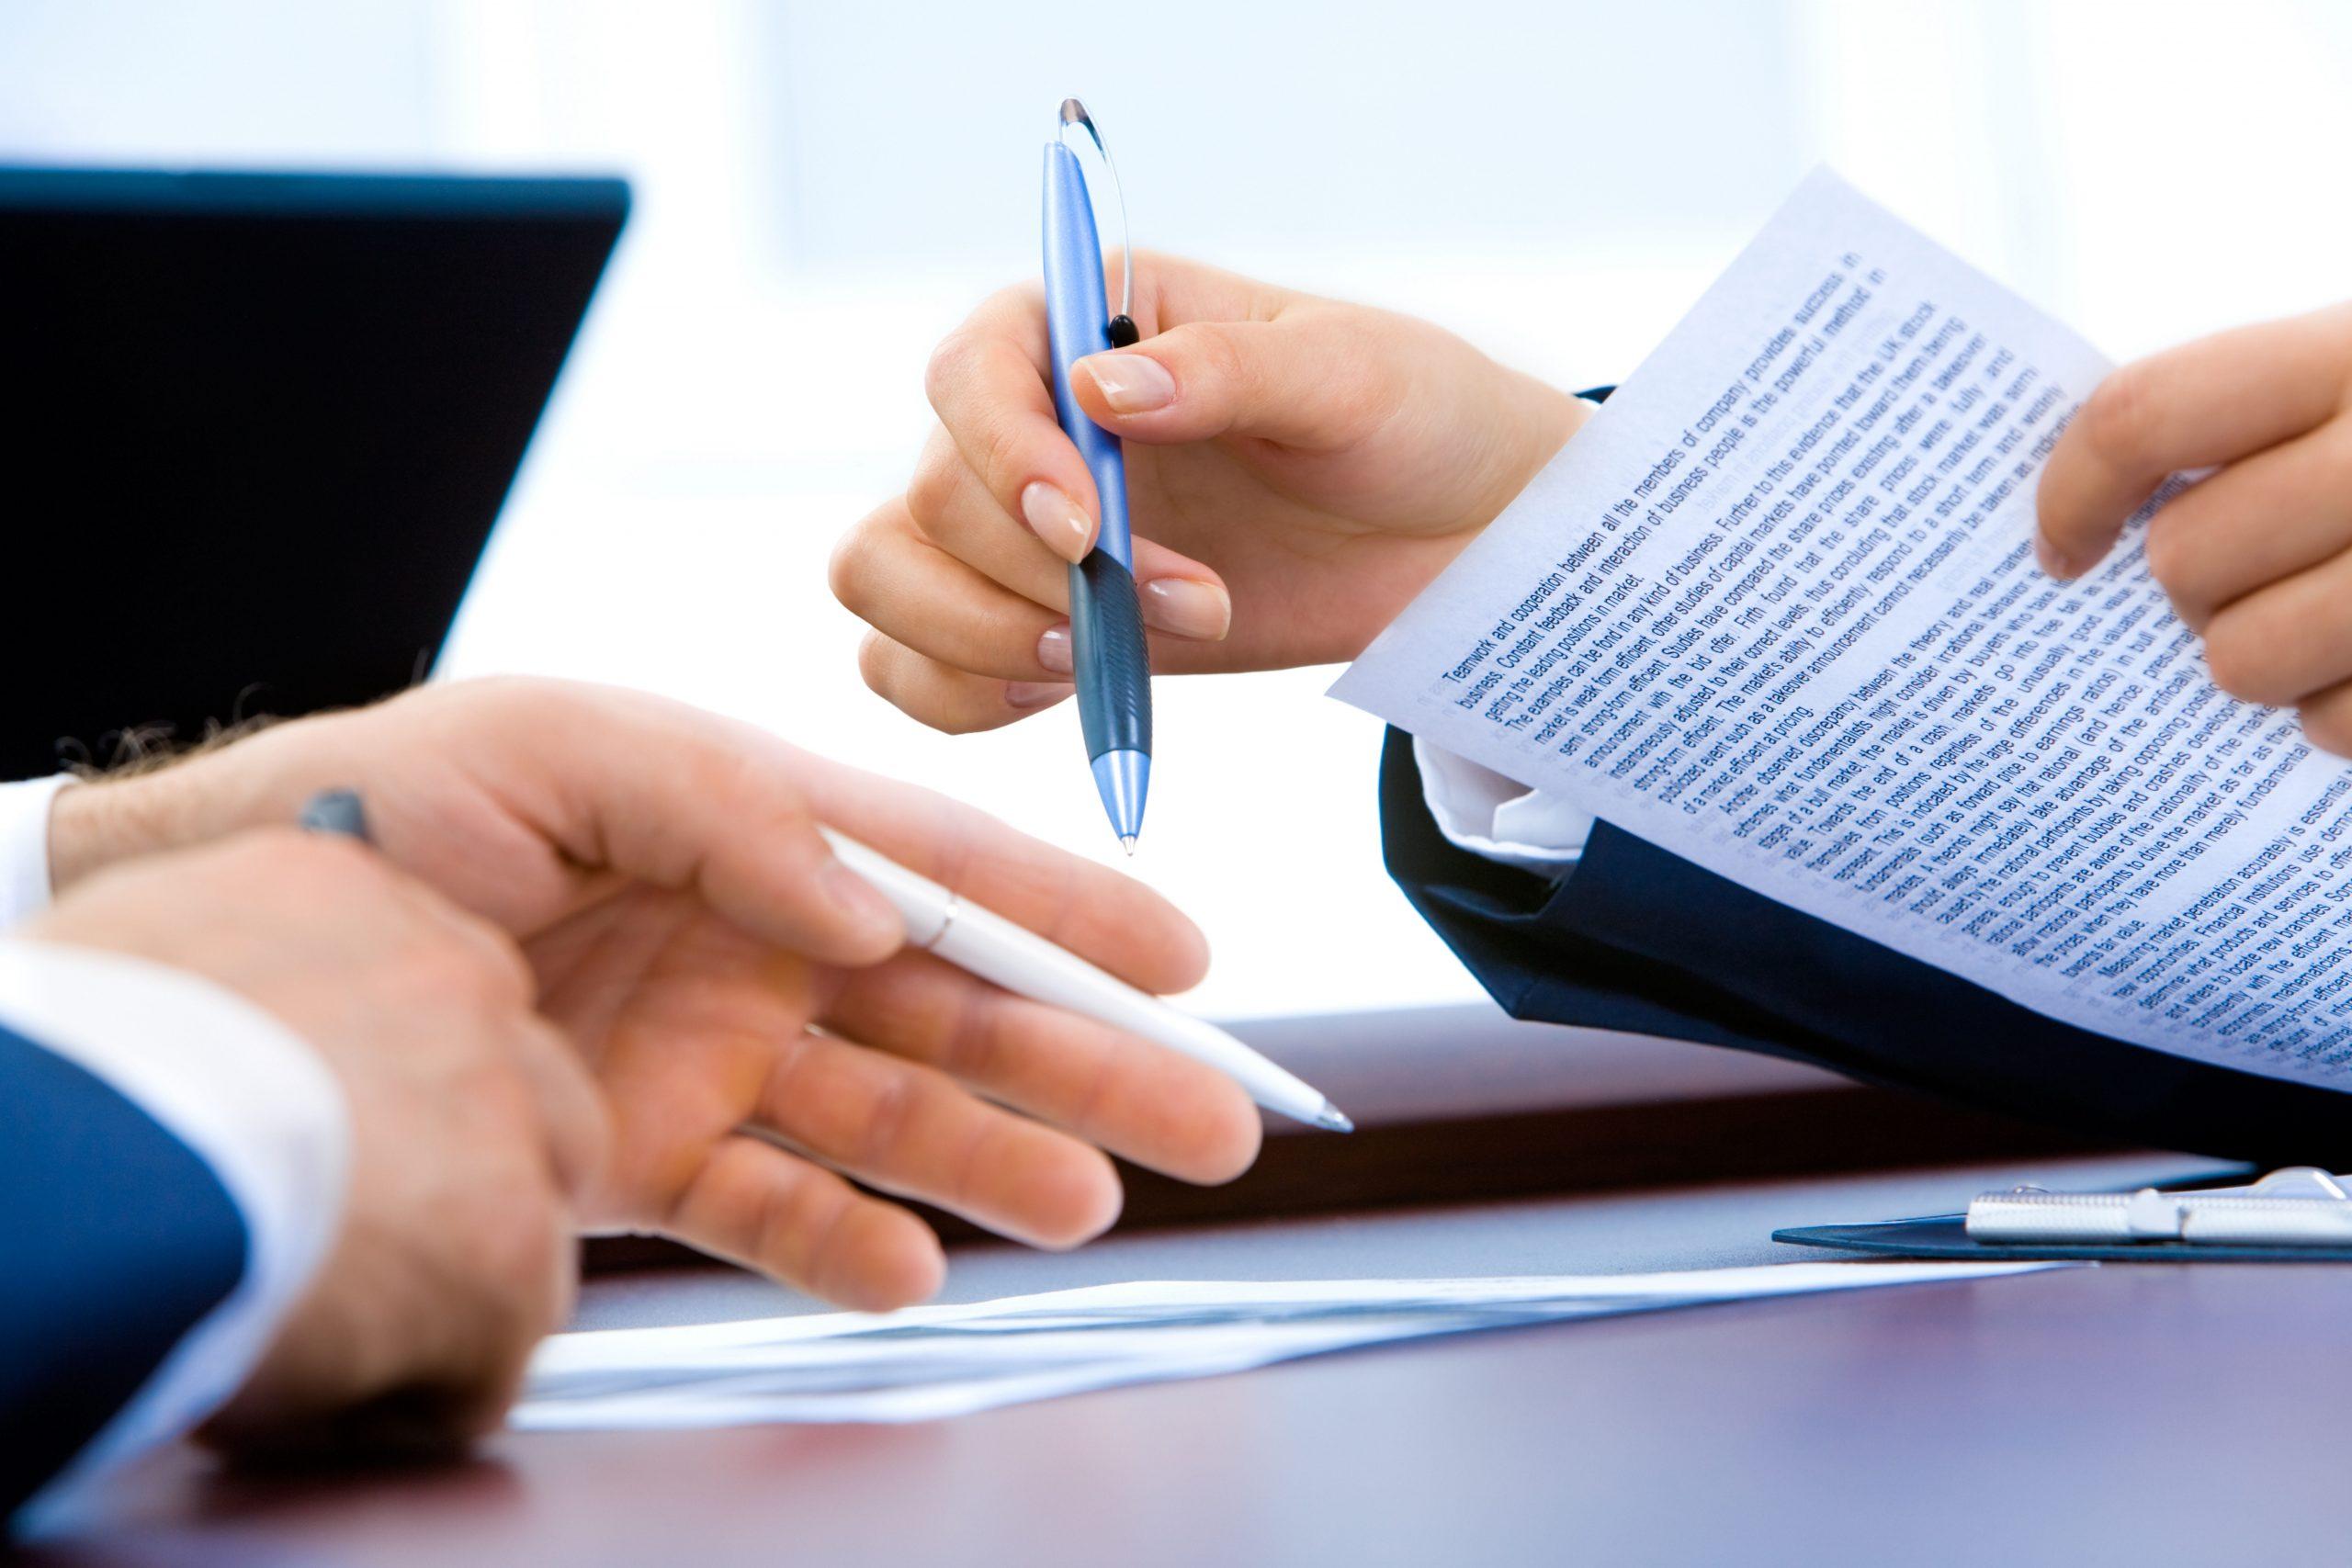 Pourquoi faire appel à un avocat pour la rédaction de la lettre d'intention ?